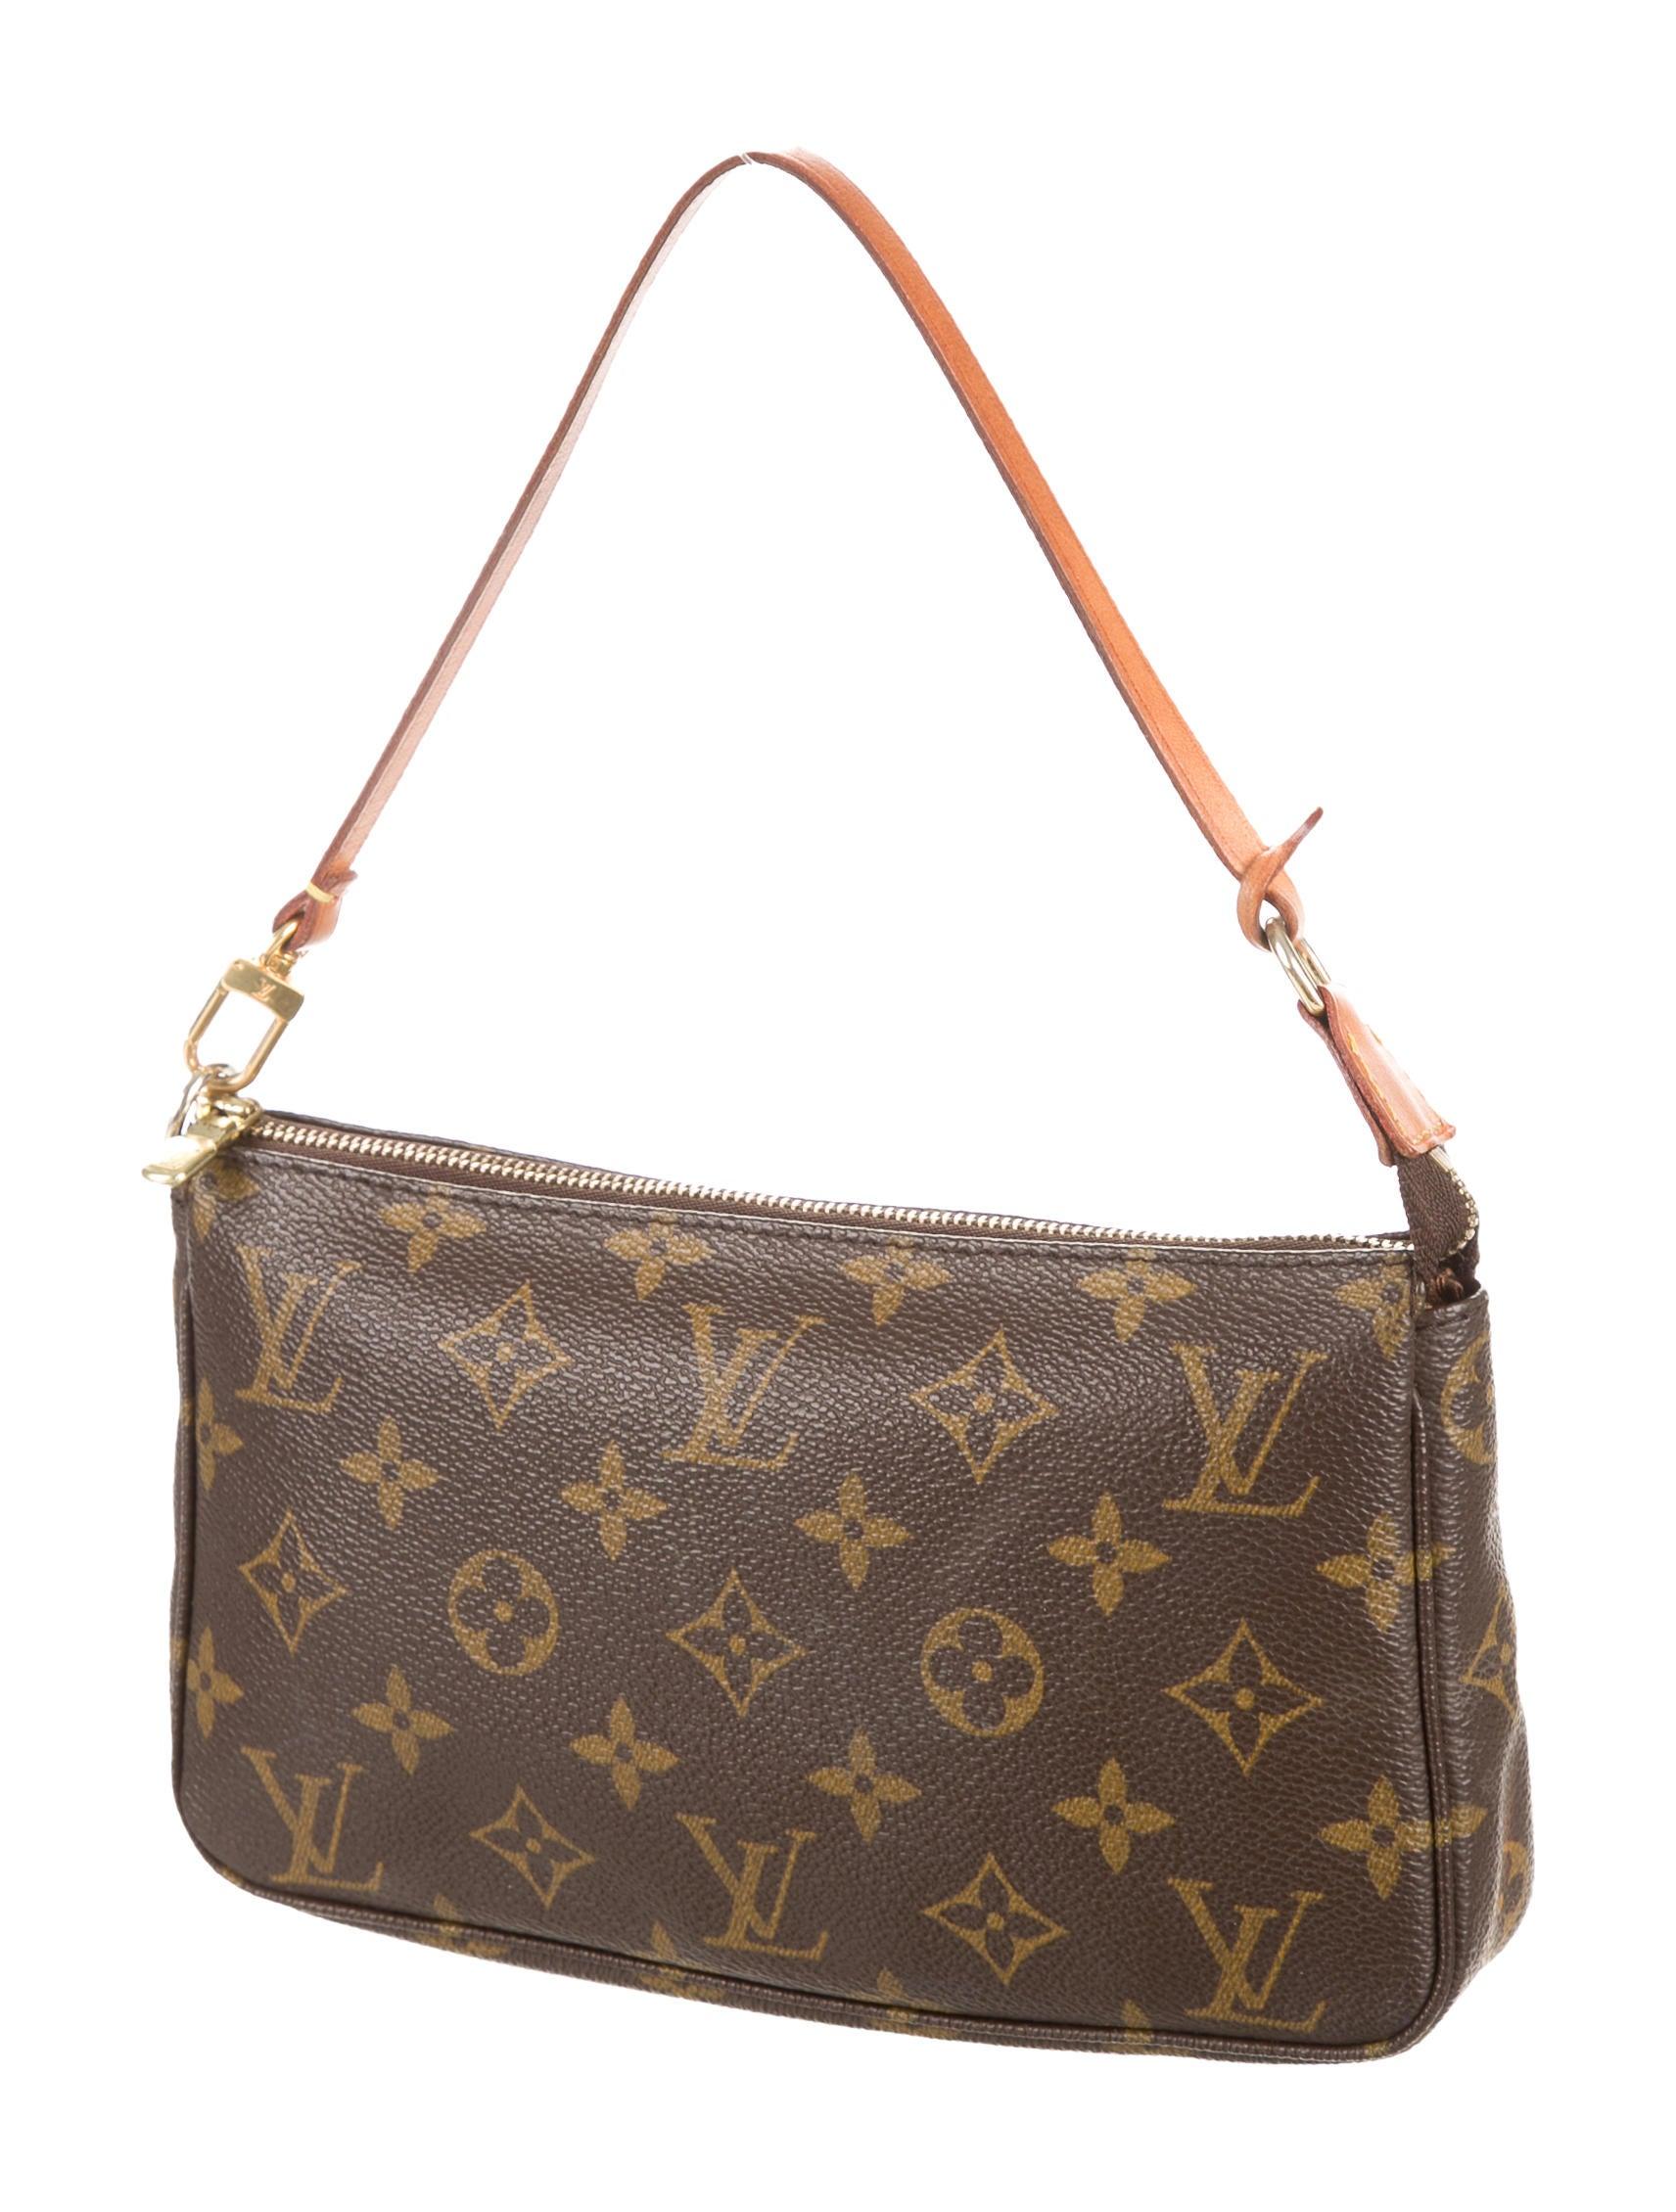 louis vuitton monogram pochette accessoires handbags. Black Bedroom Furniture Sets. Home Design Ideas